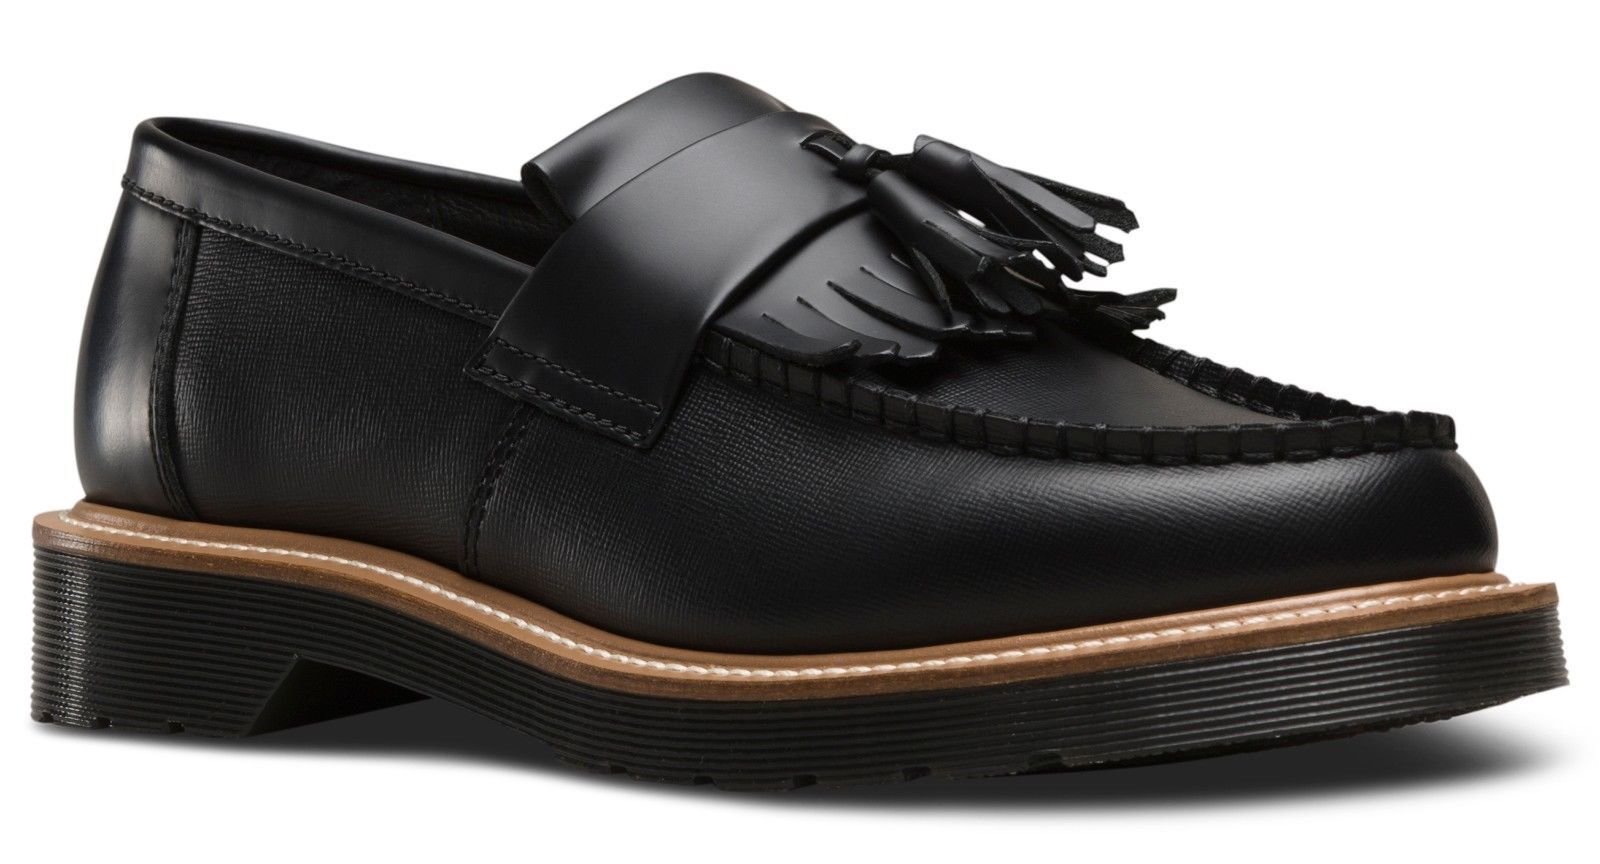 Dr Martens 23163001 Adrian straw black smooth loafer loafer loafer sizes 6-13UK 286971